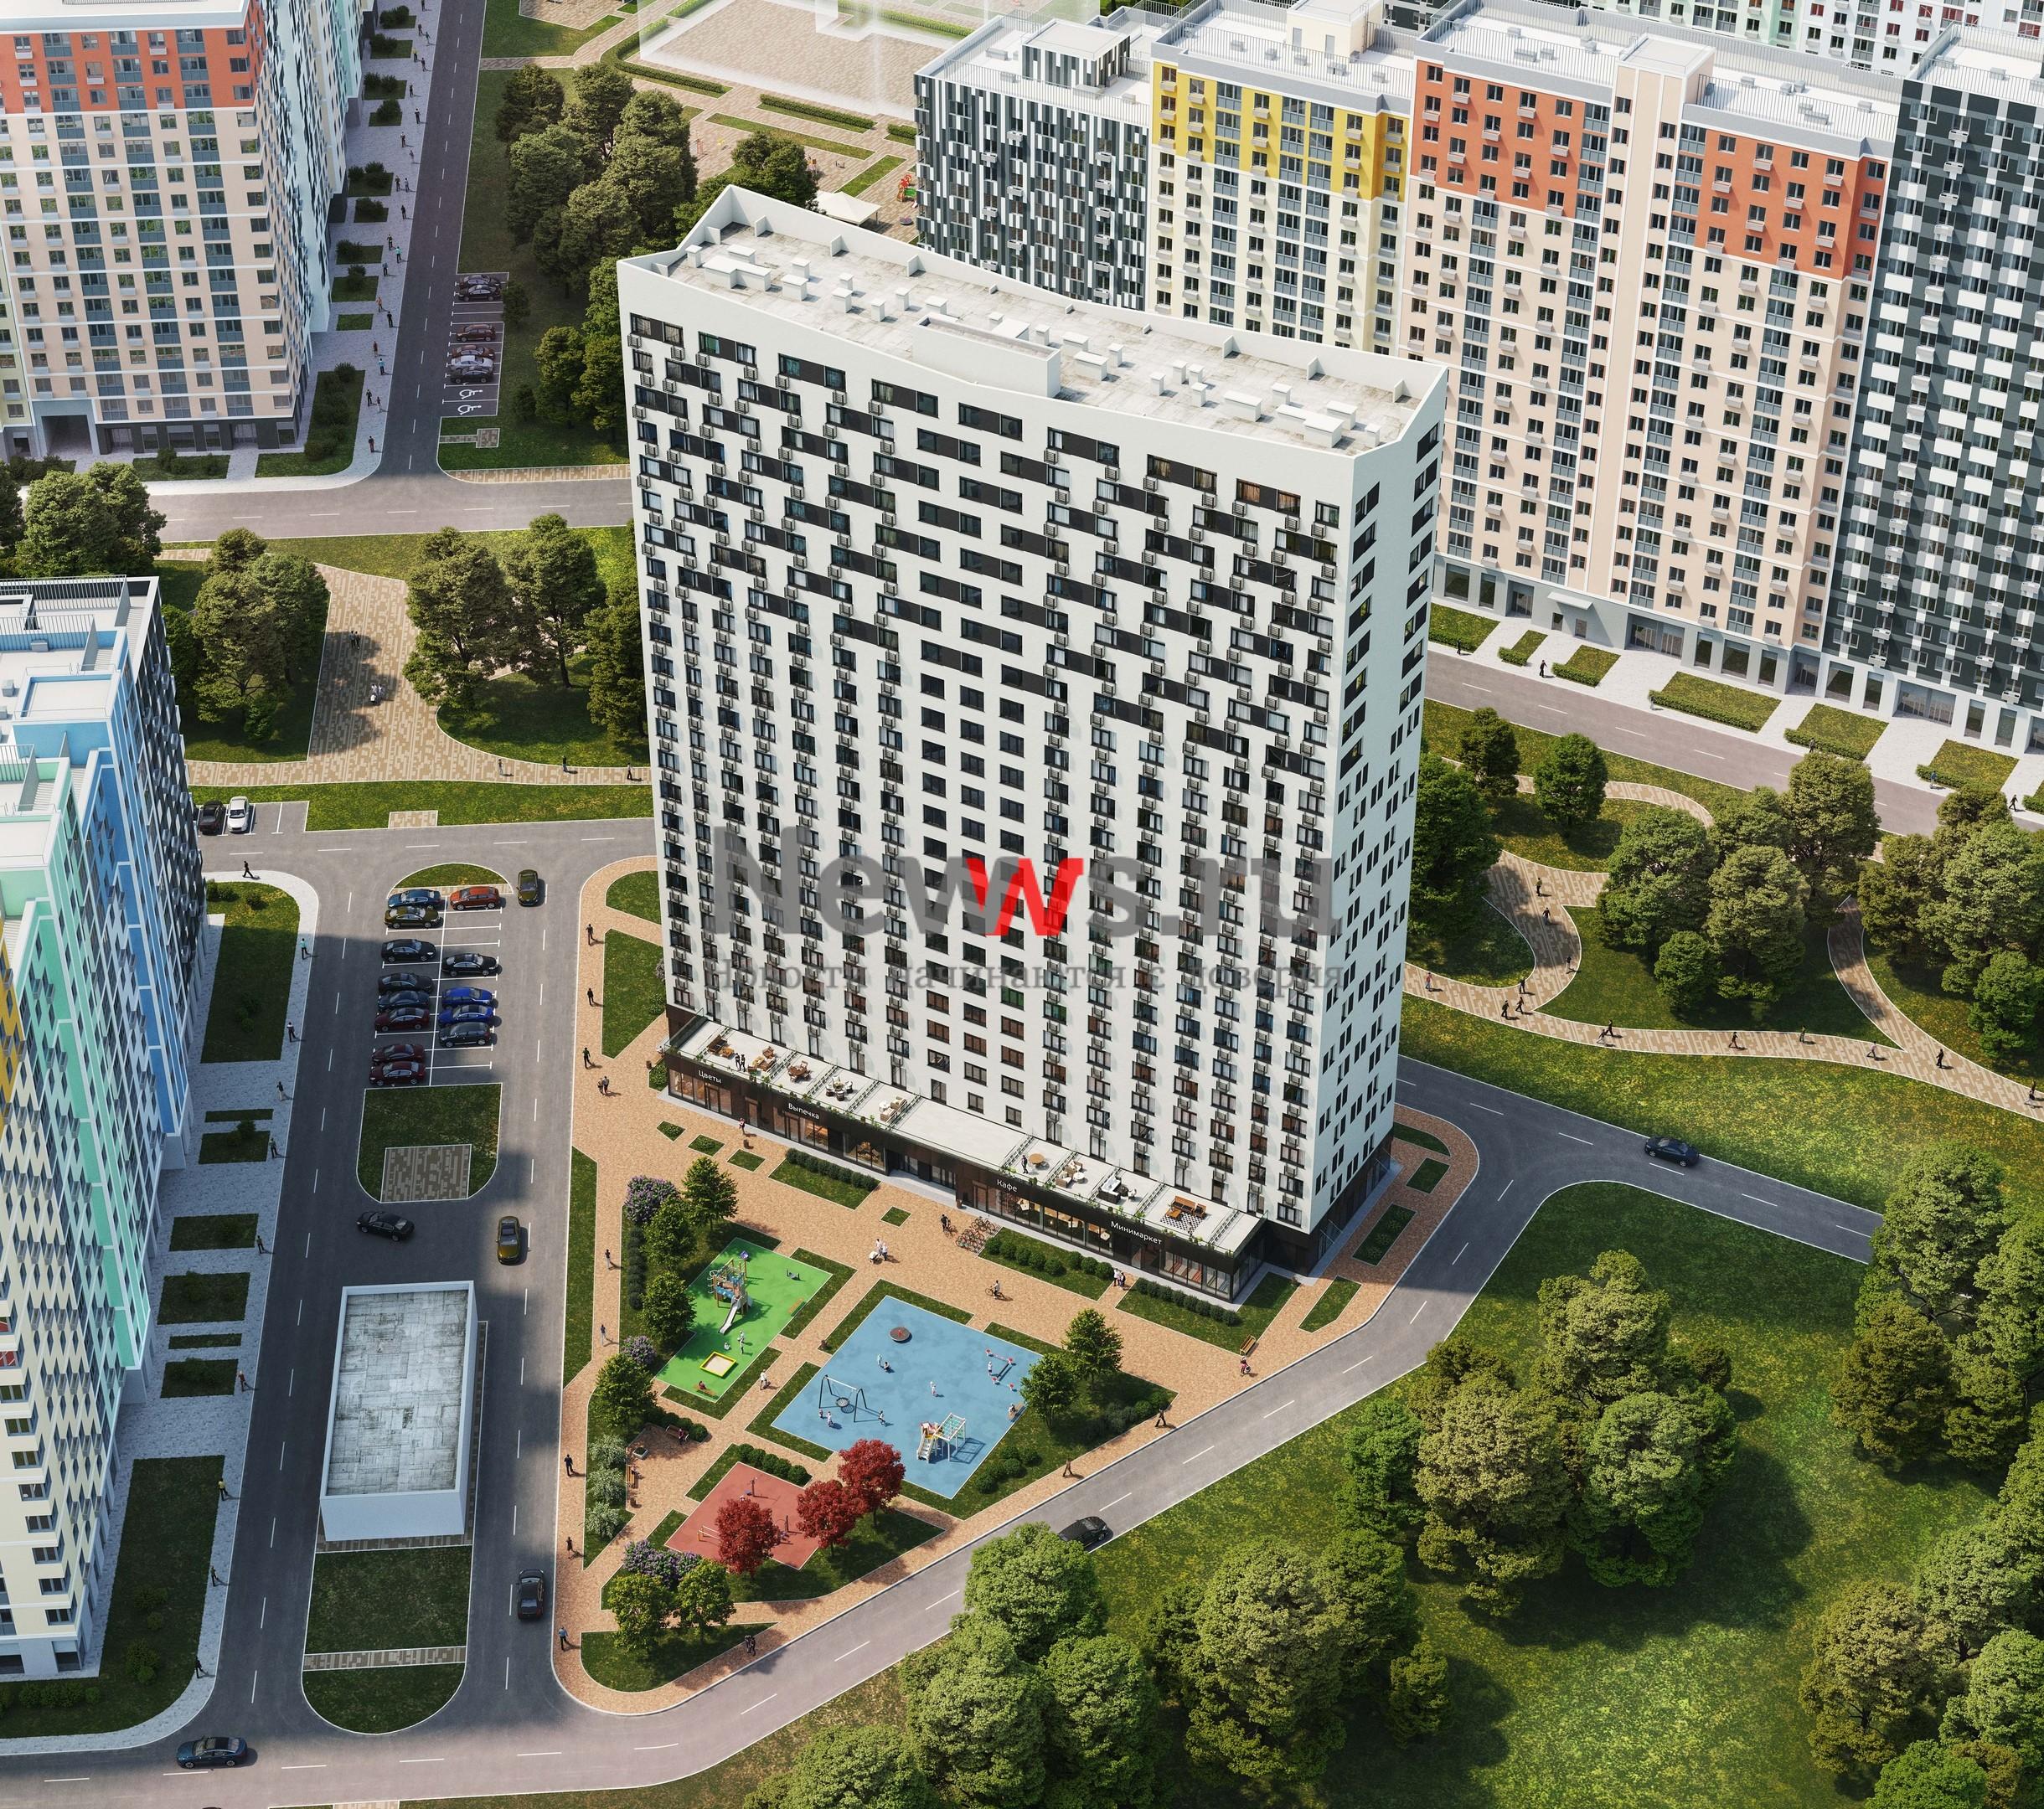 Москомстройинвест: «Группа ЛСР» получила ЗОС на открытие продаж в корпусе №12 в ЖК «Лучи»